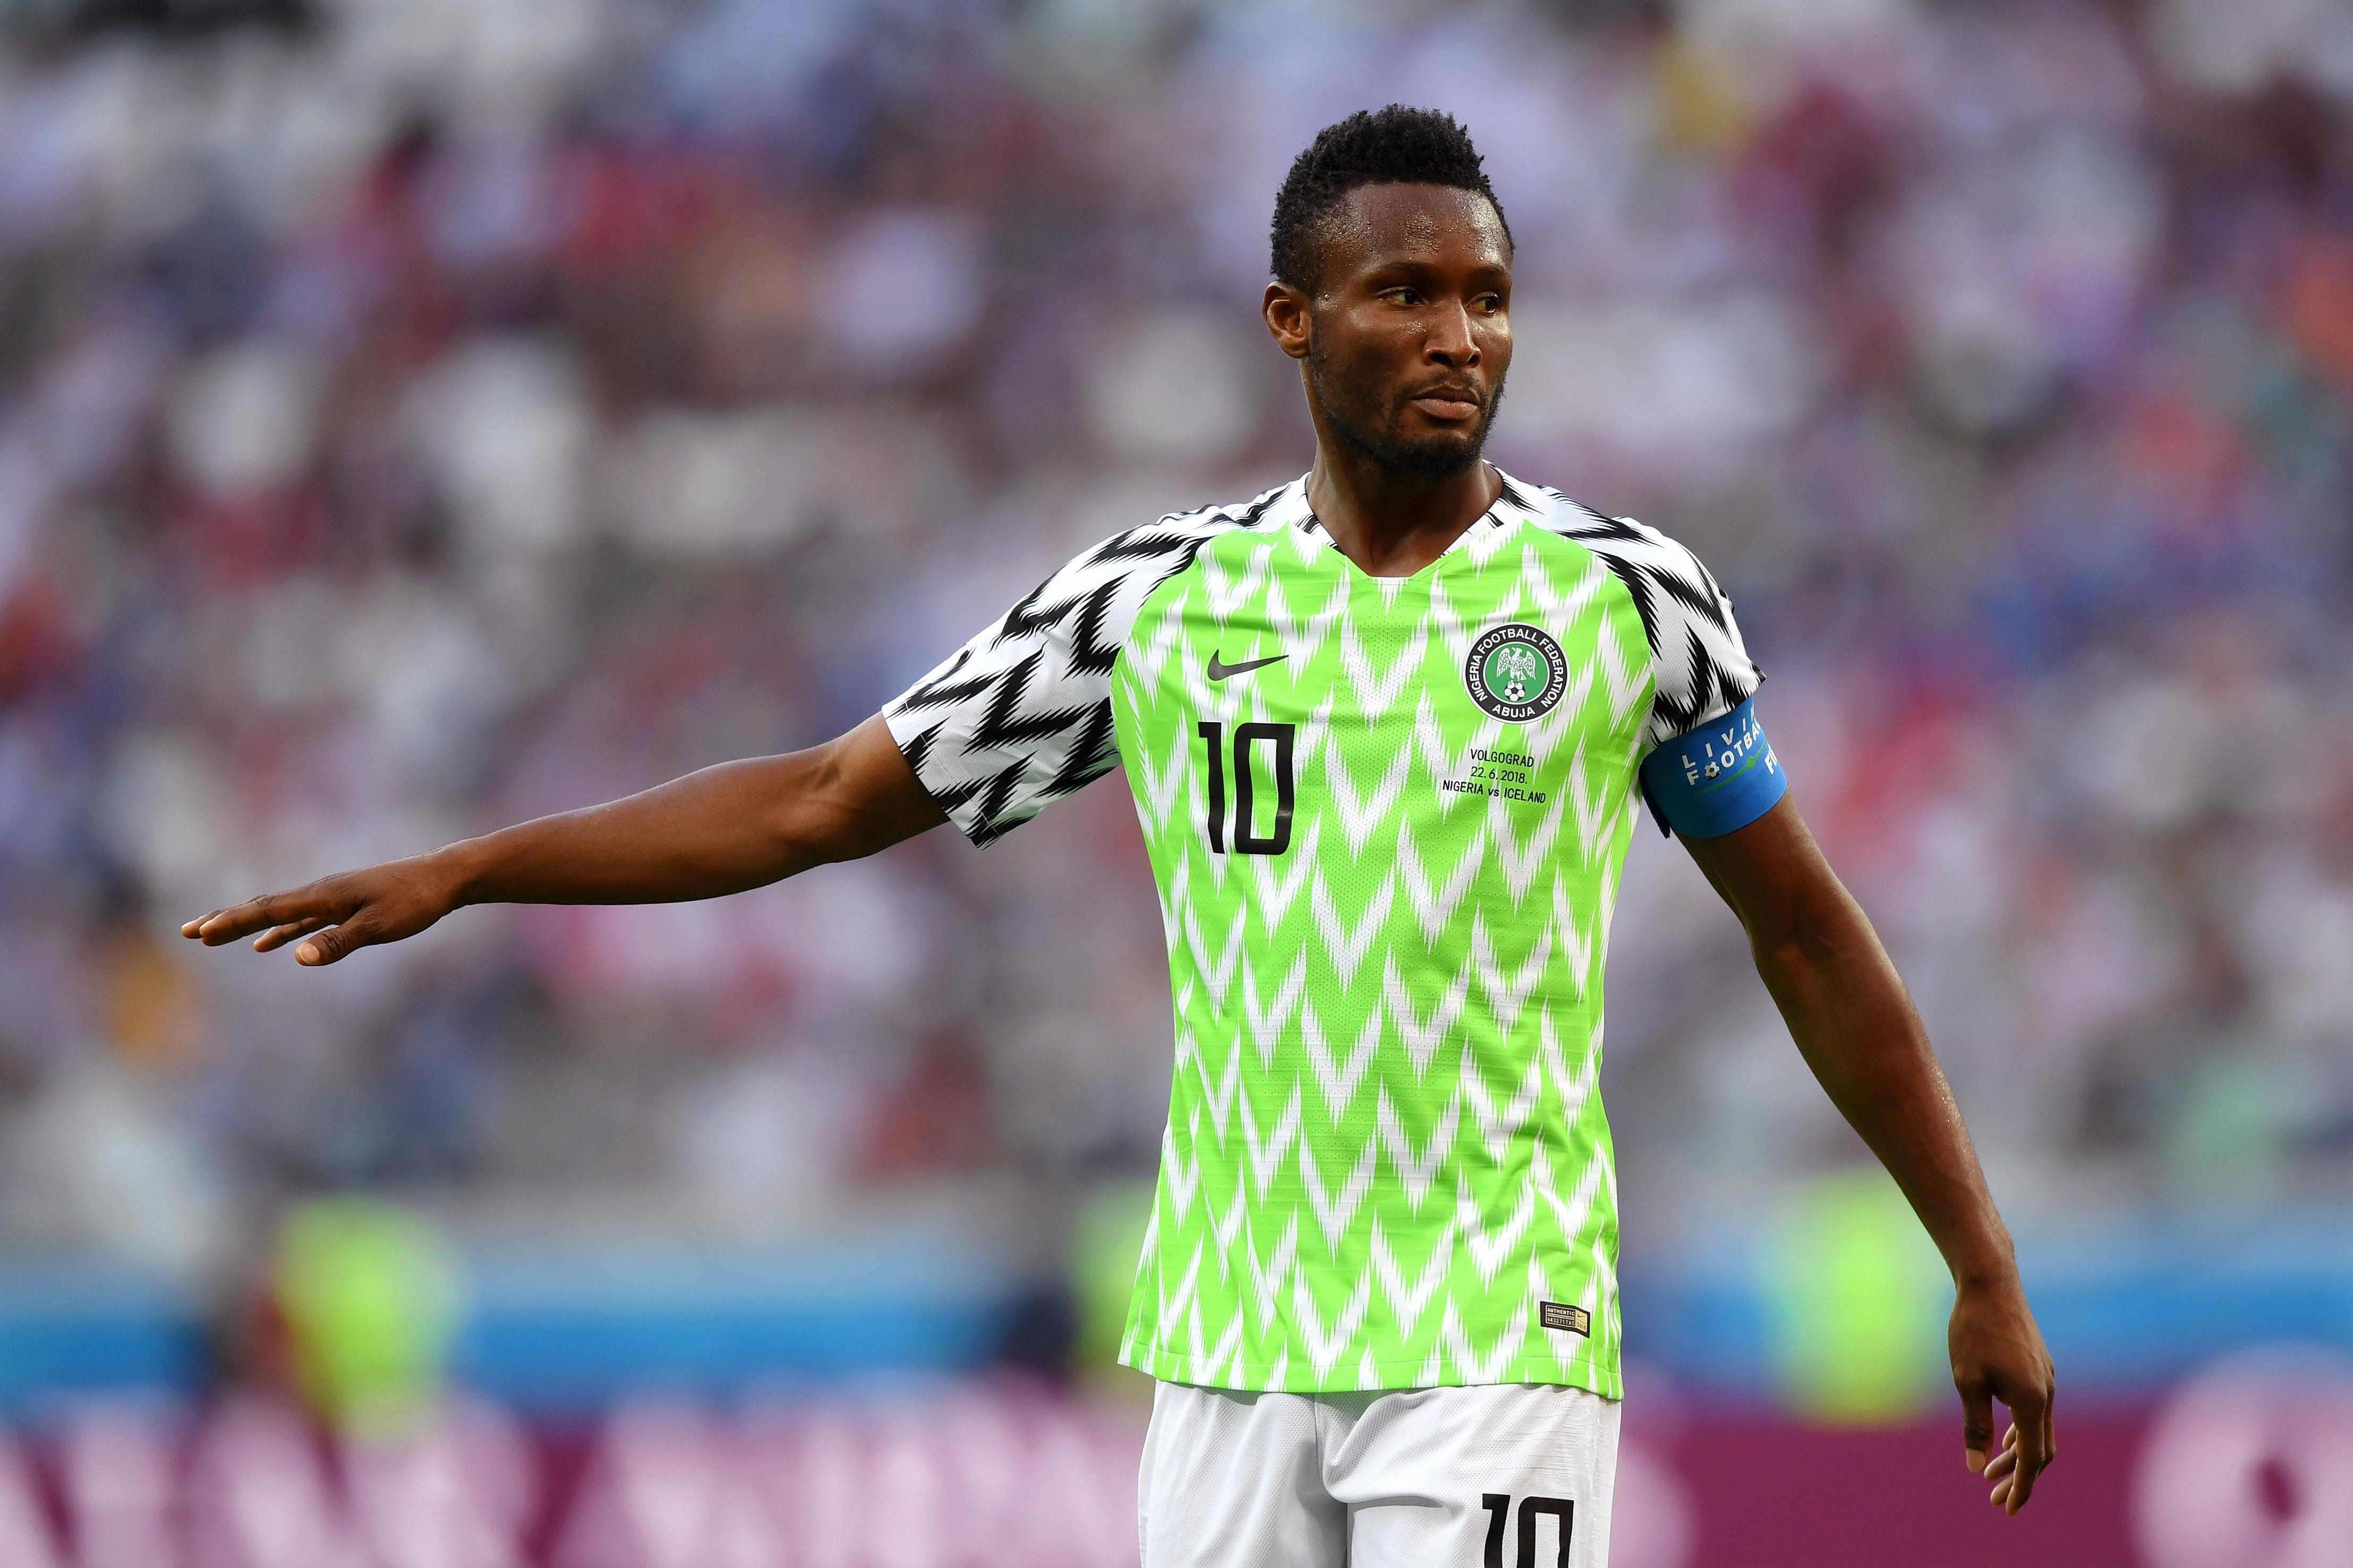 Капитанът на нигерийския национален отбор Джон Оби Микел трябва да